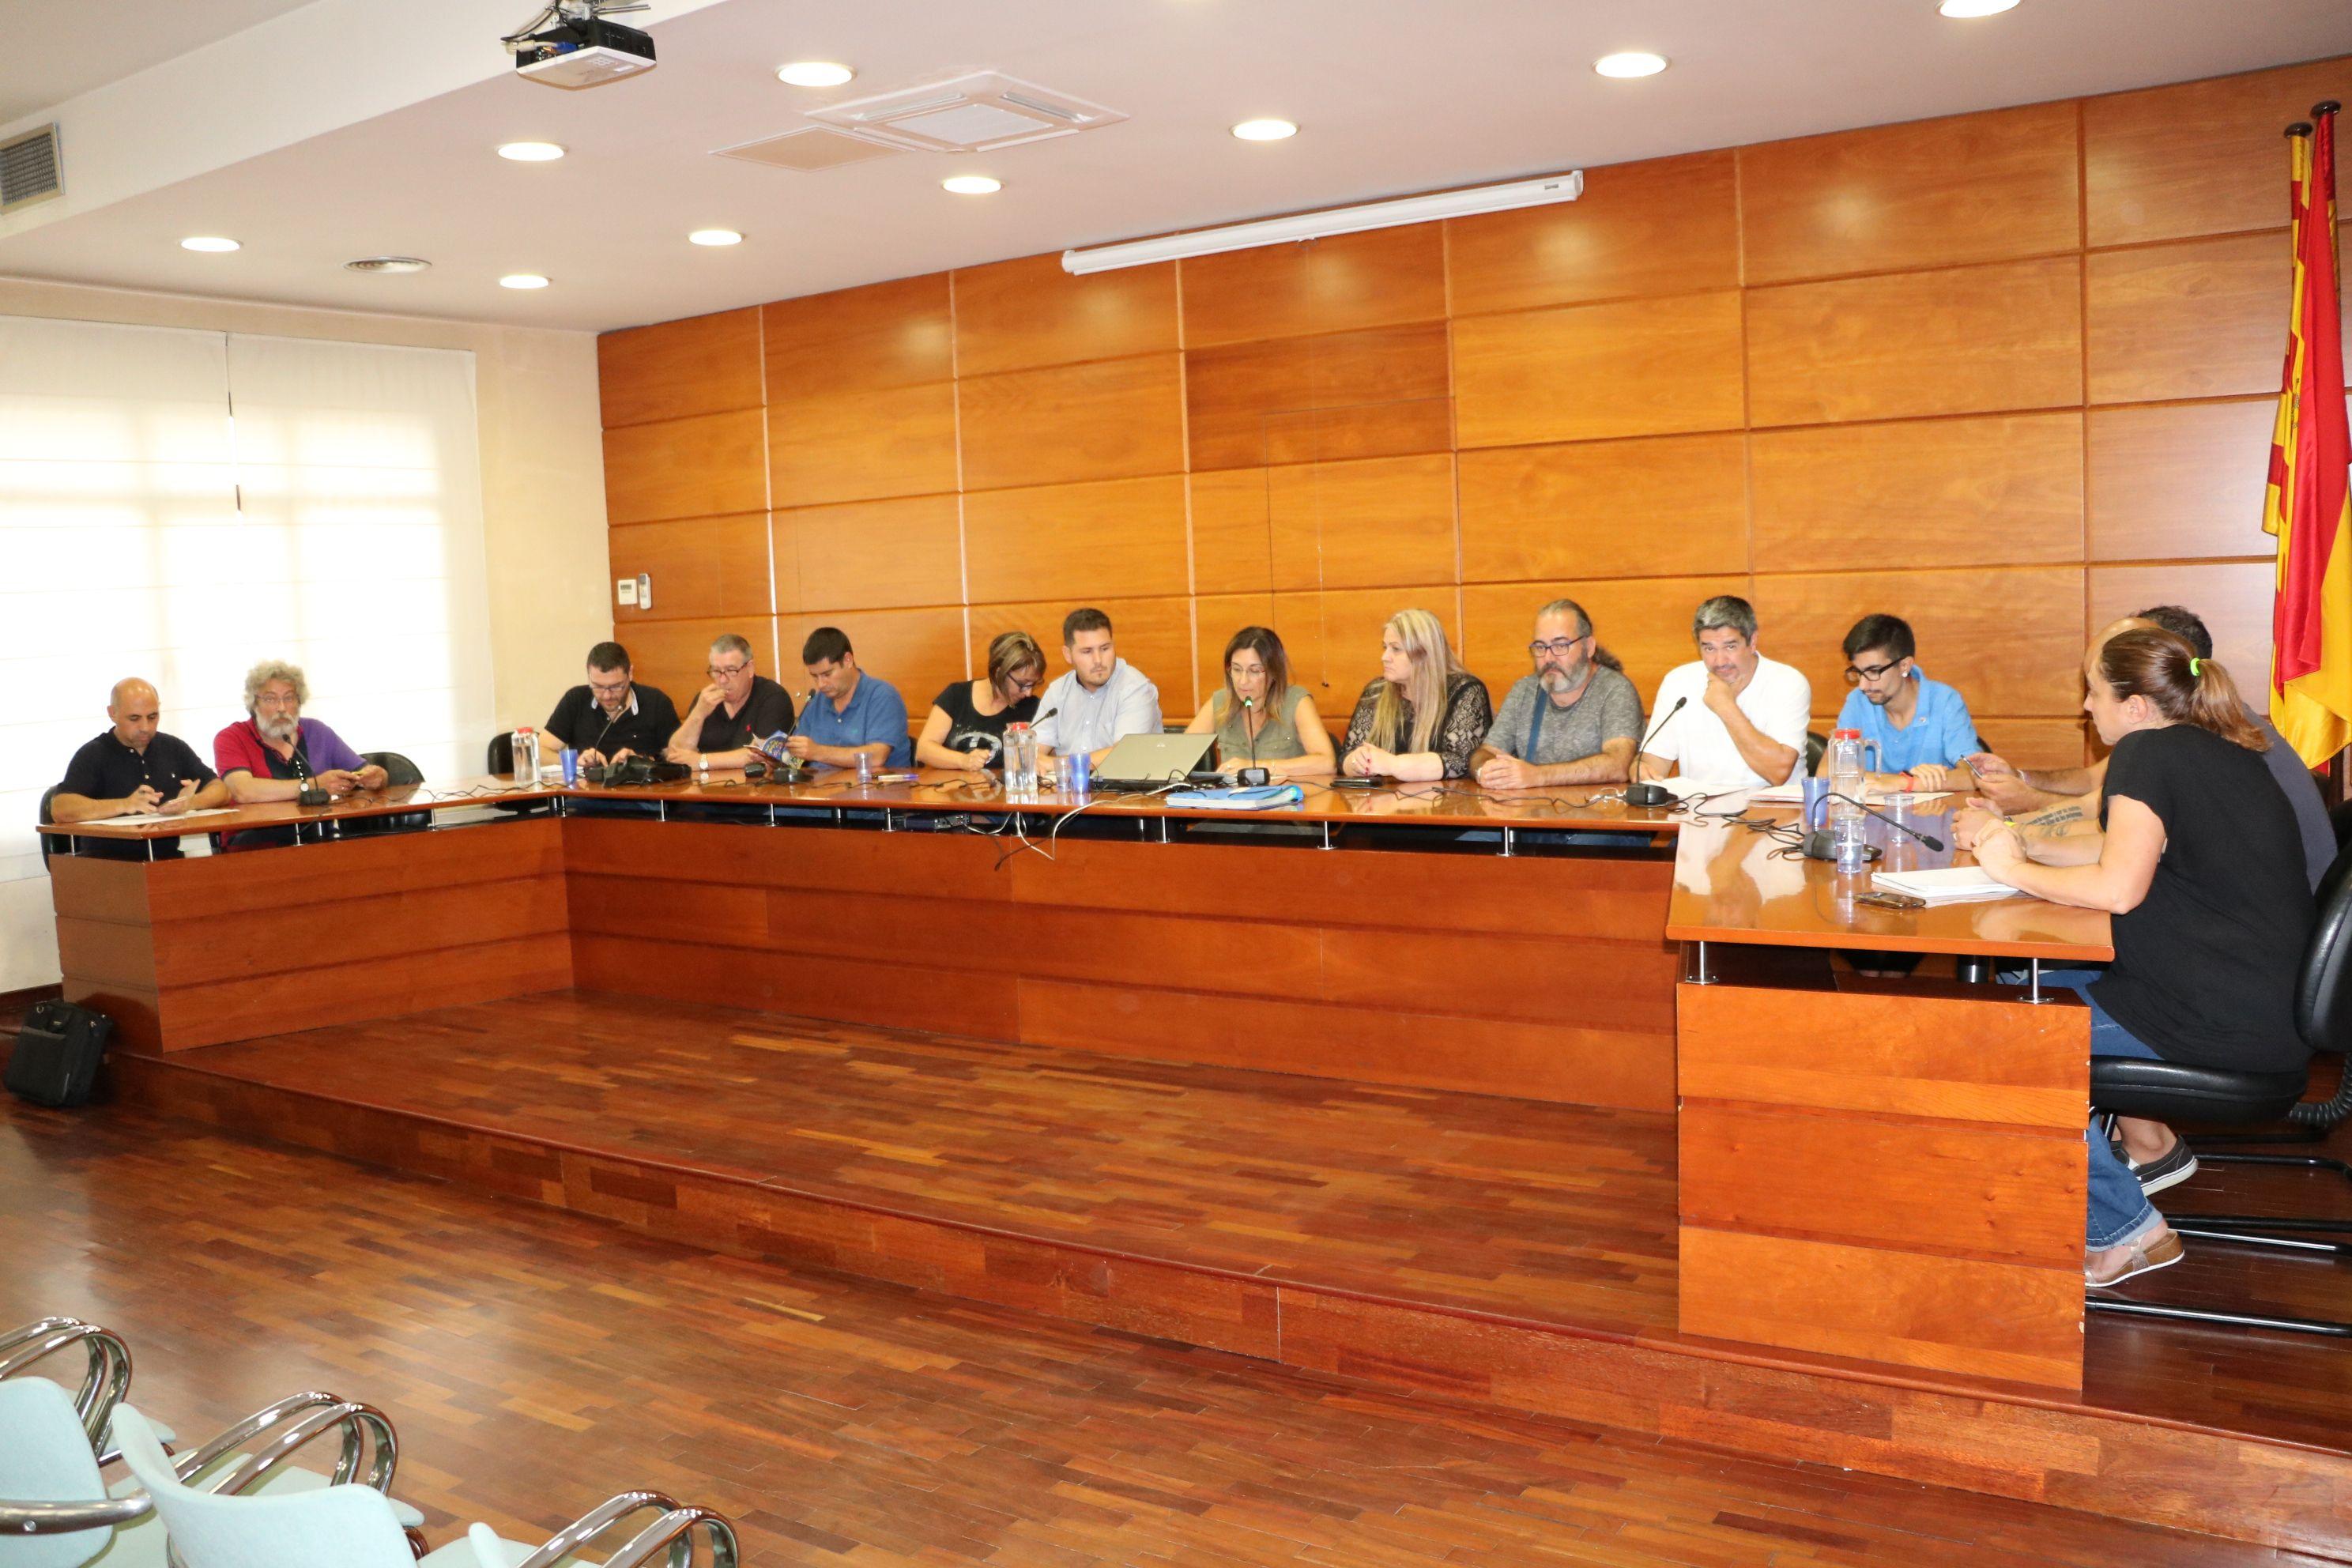 La Fundació Pere Tarrés continuarà amb la gestió i funcionament de la guarderia Cucutras